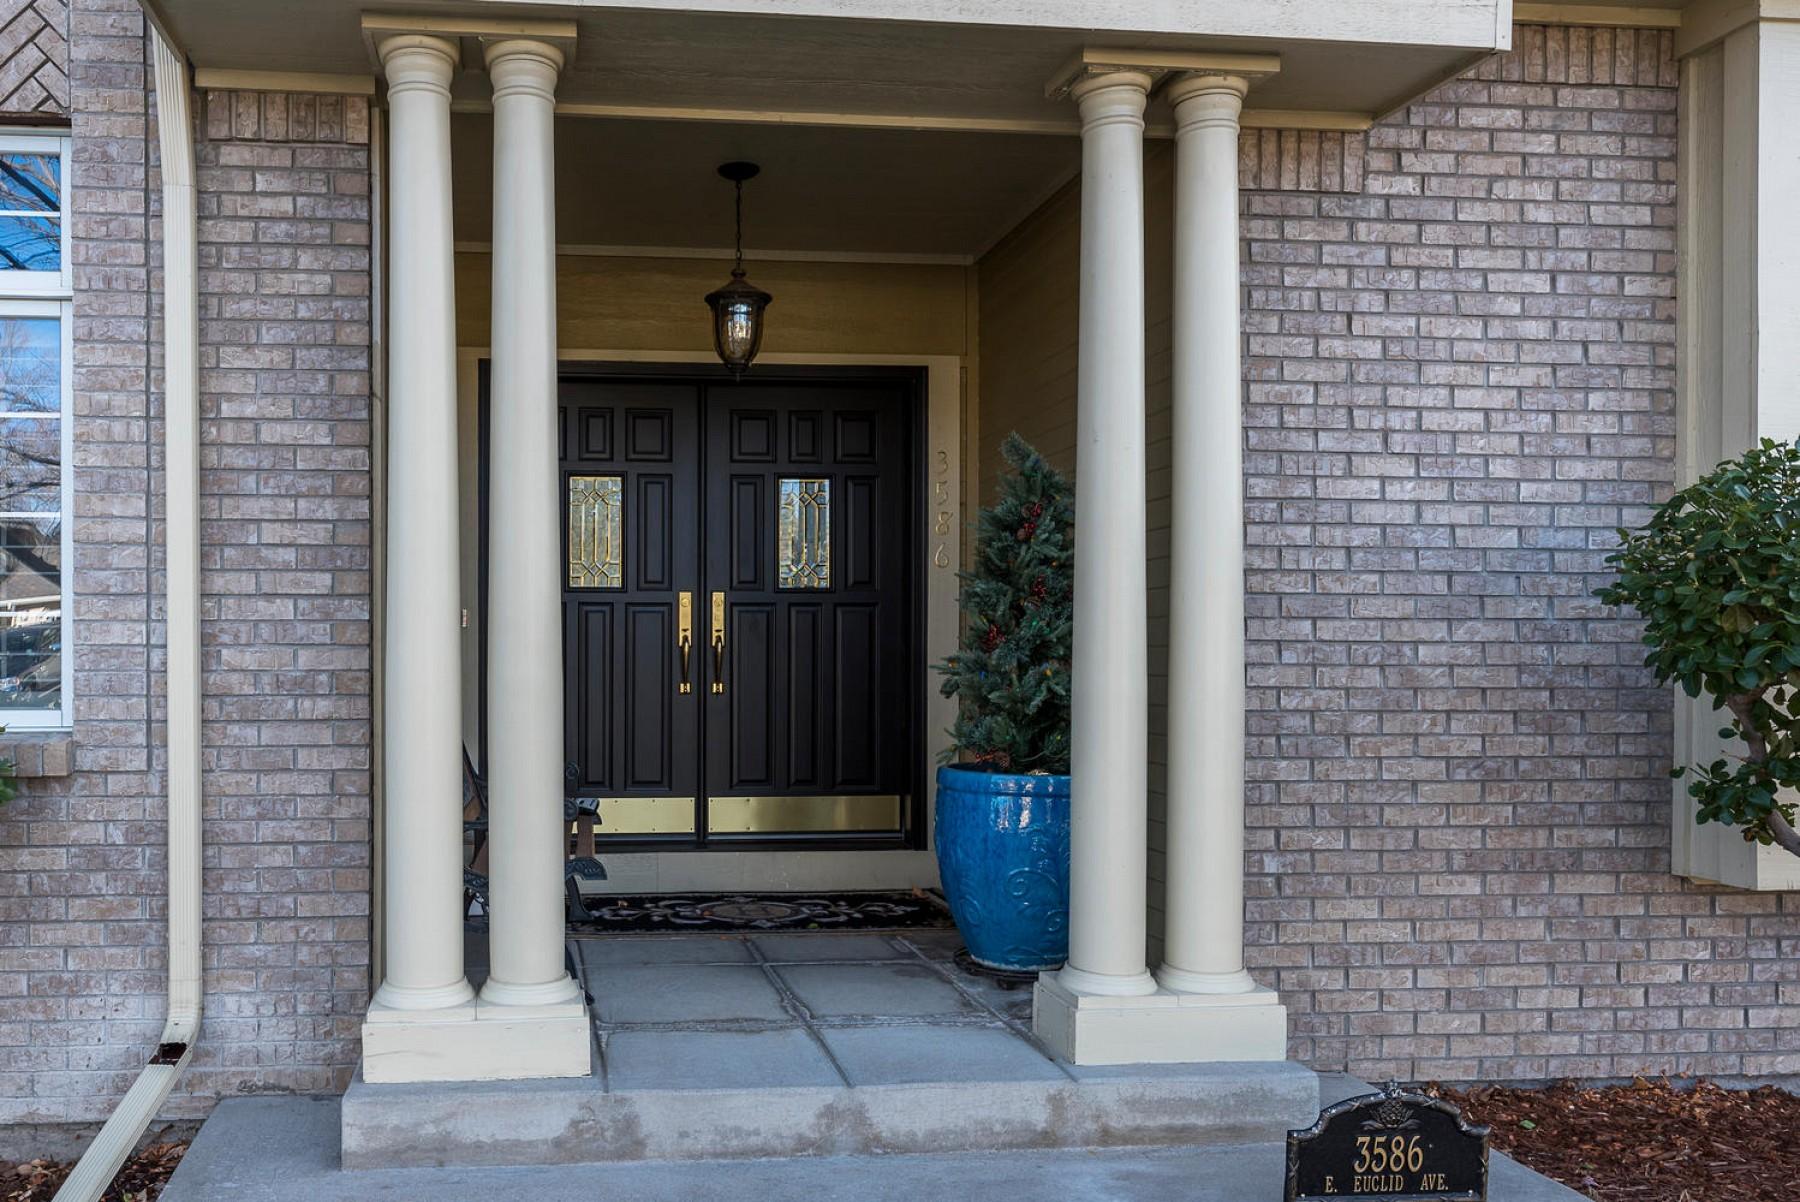 3586 E. Euclid Avenue, Centennial, CO 80121